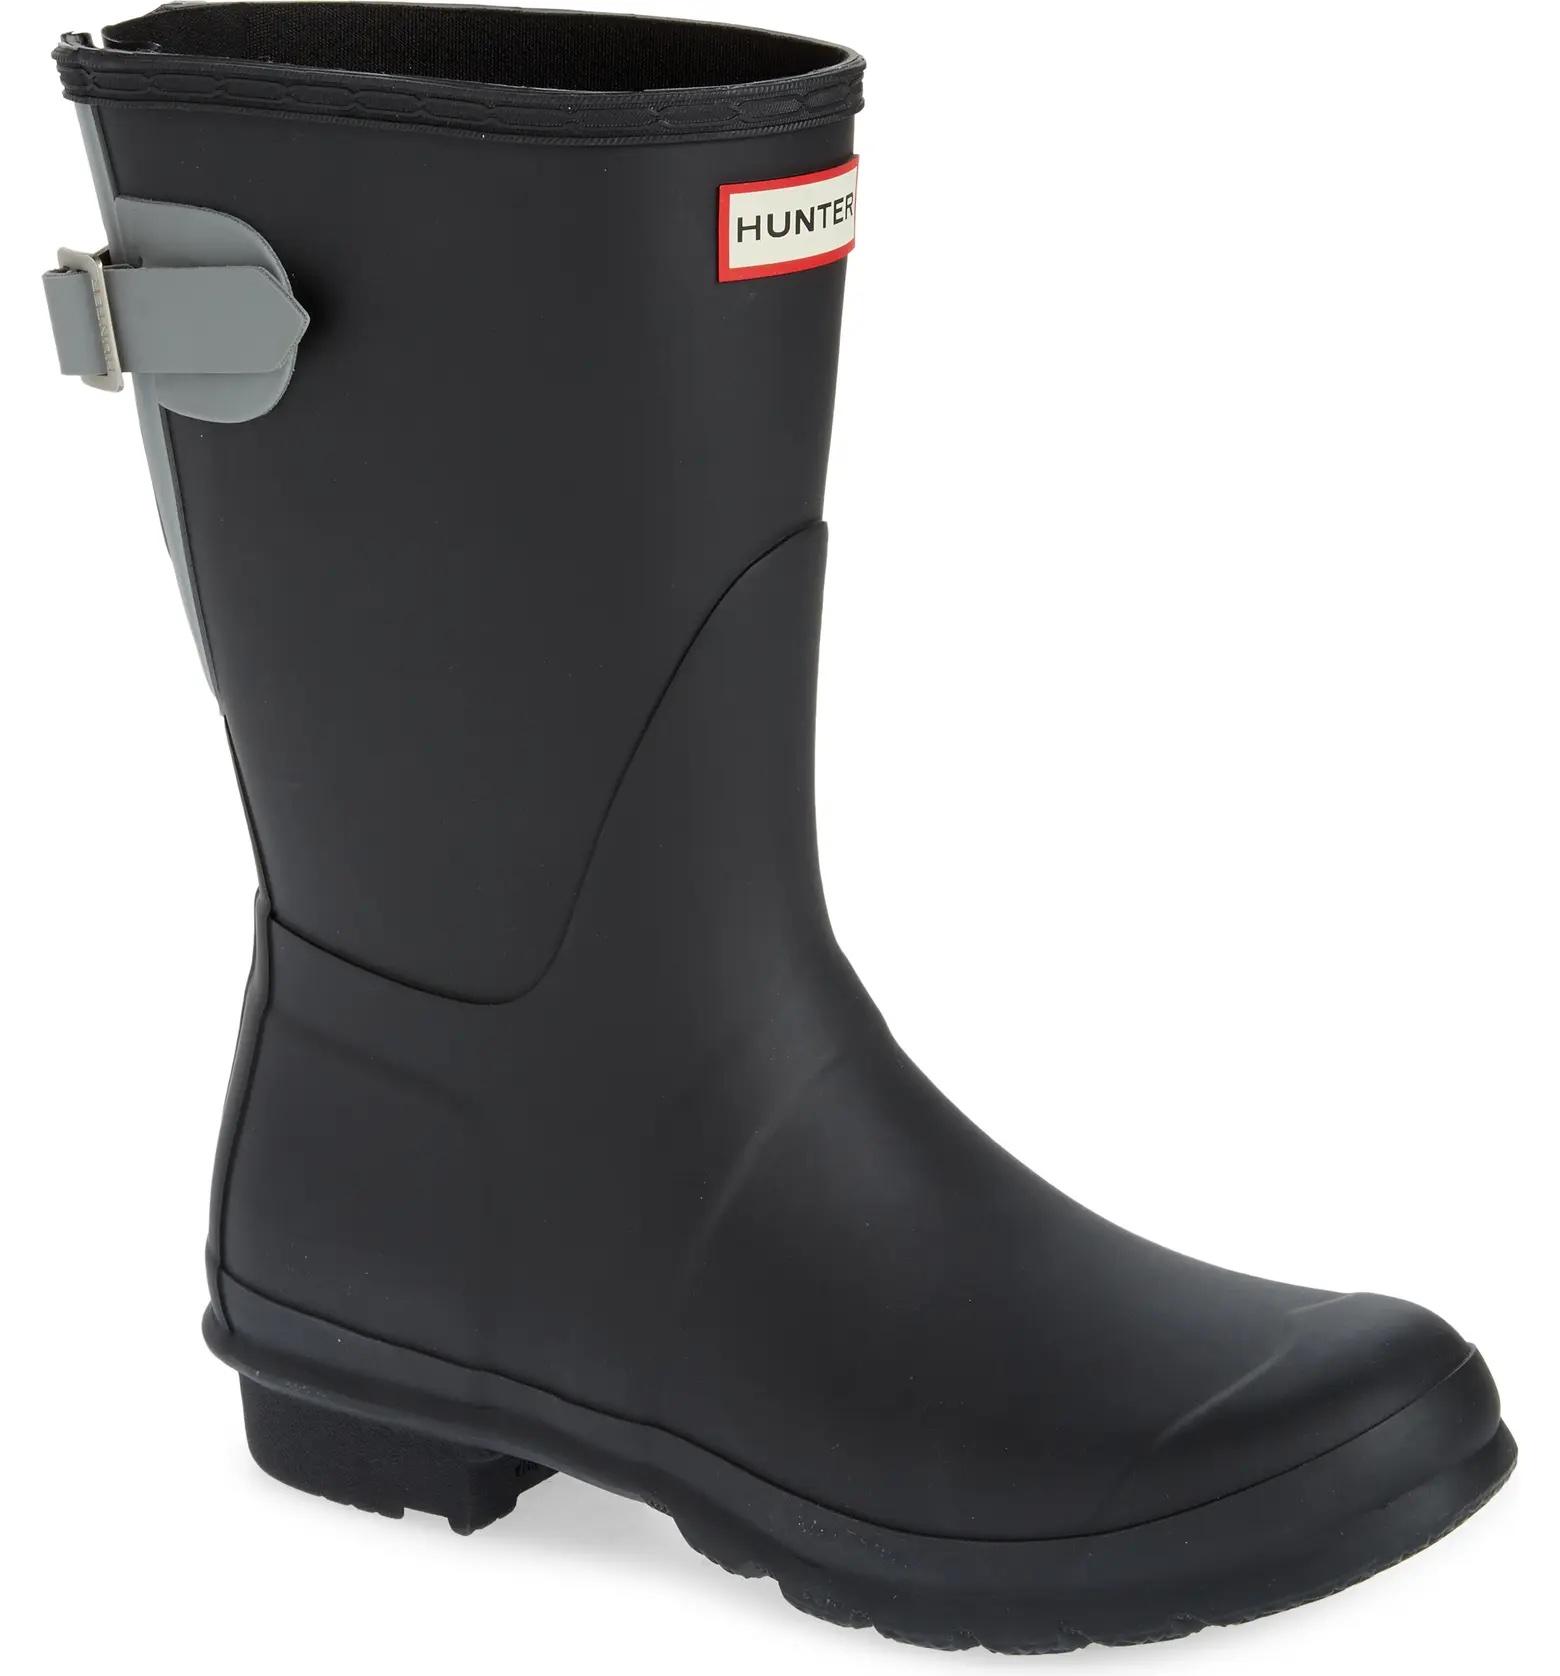 Hunter rain boot.